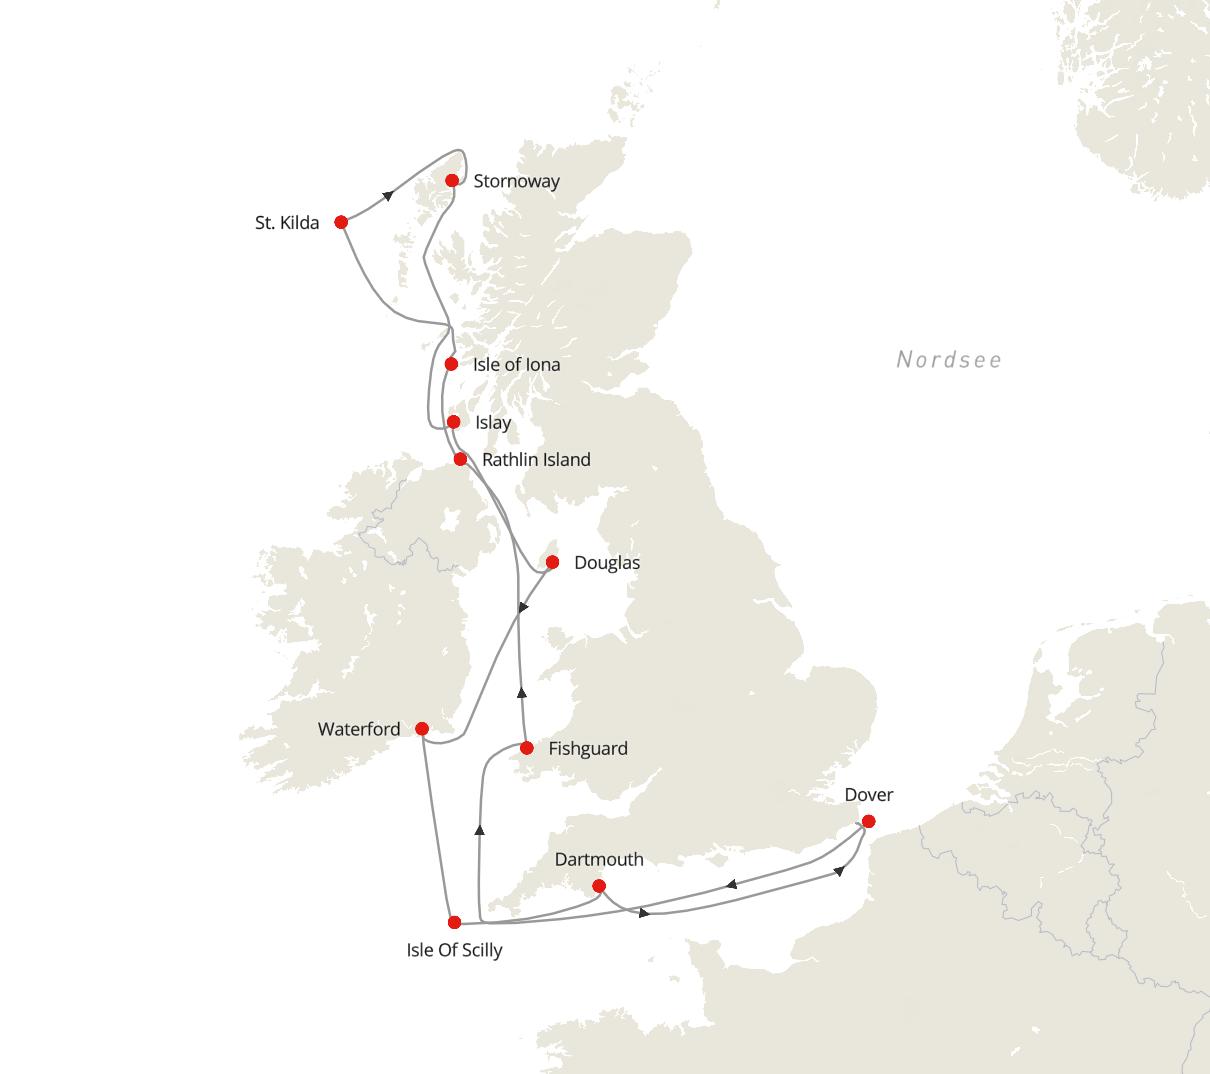 Britische Inseln – Küstenparadiese, malerische Landschaften und unberührte Gewässer